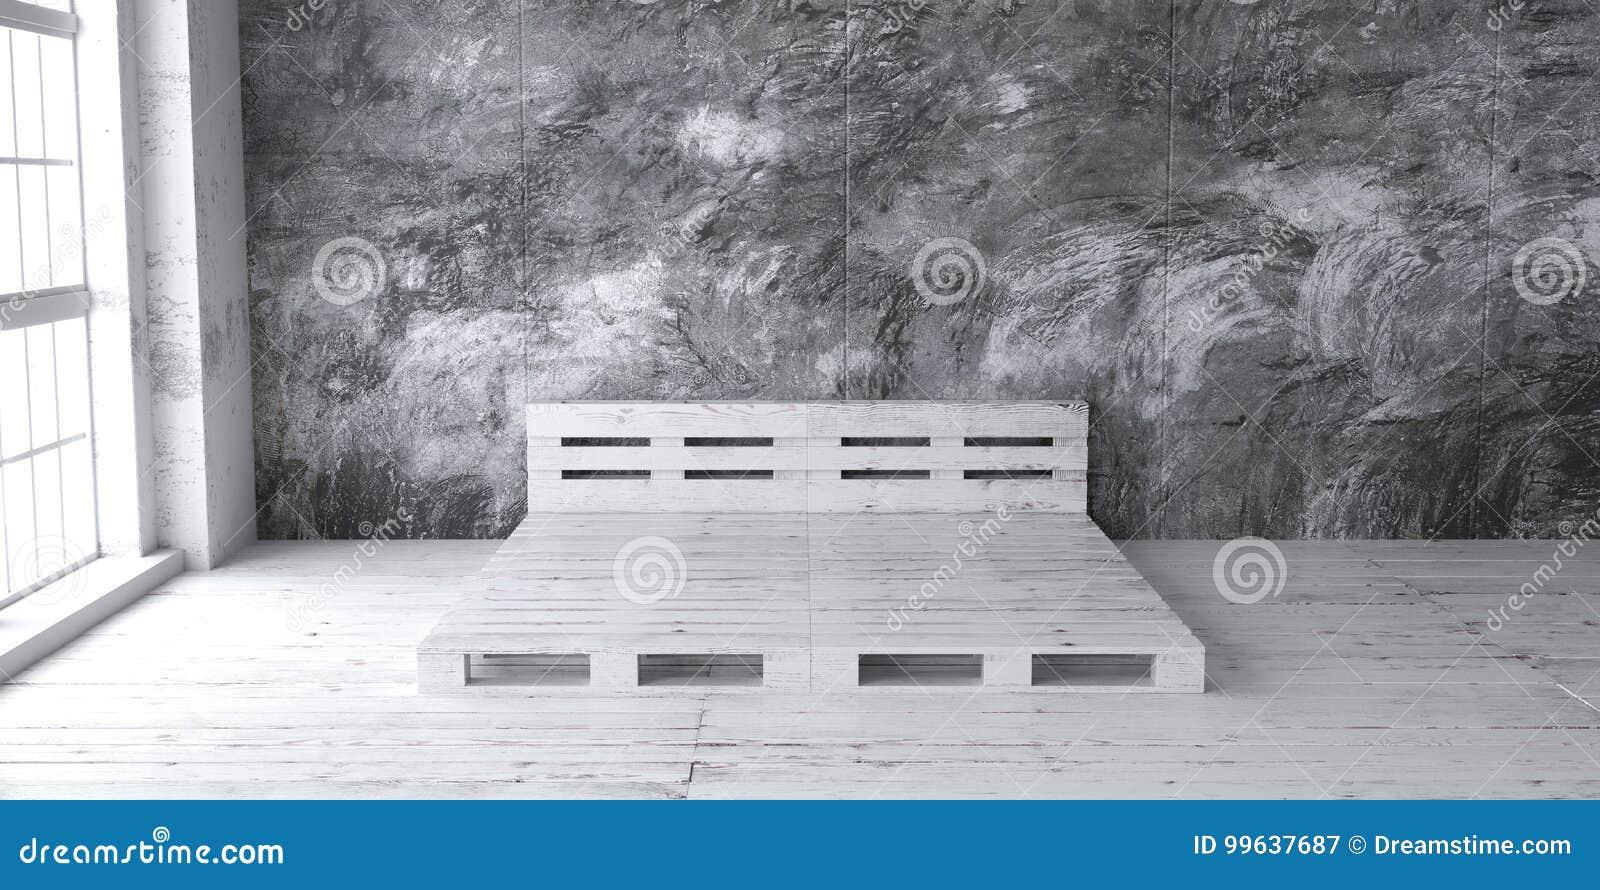 Conceptions De Cadre De Lit De Palette Pour Lintérieur De Grenier - Cadre de lit palette